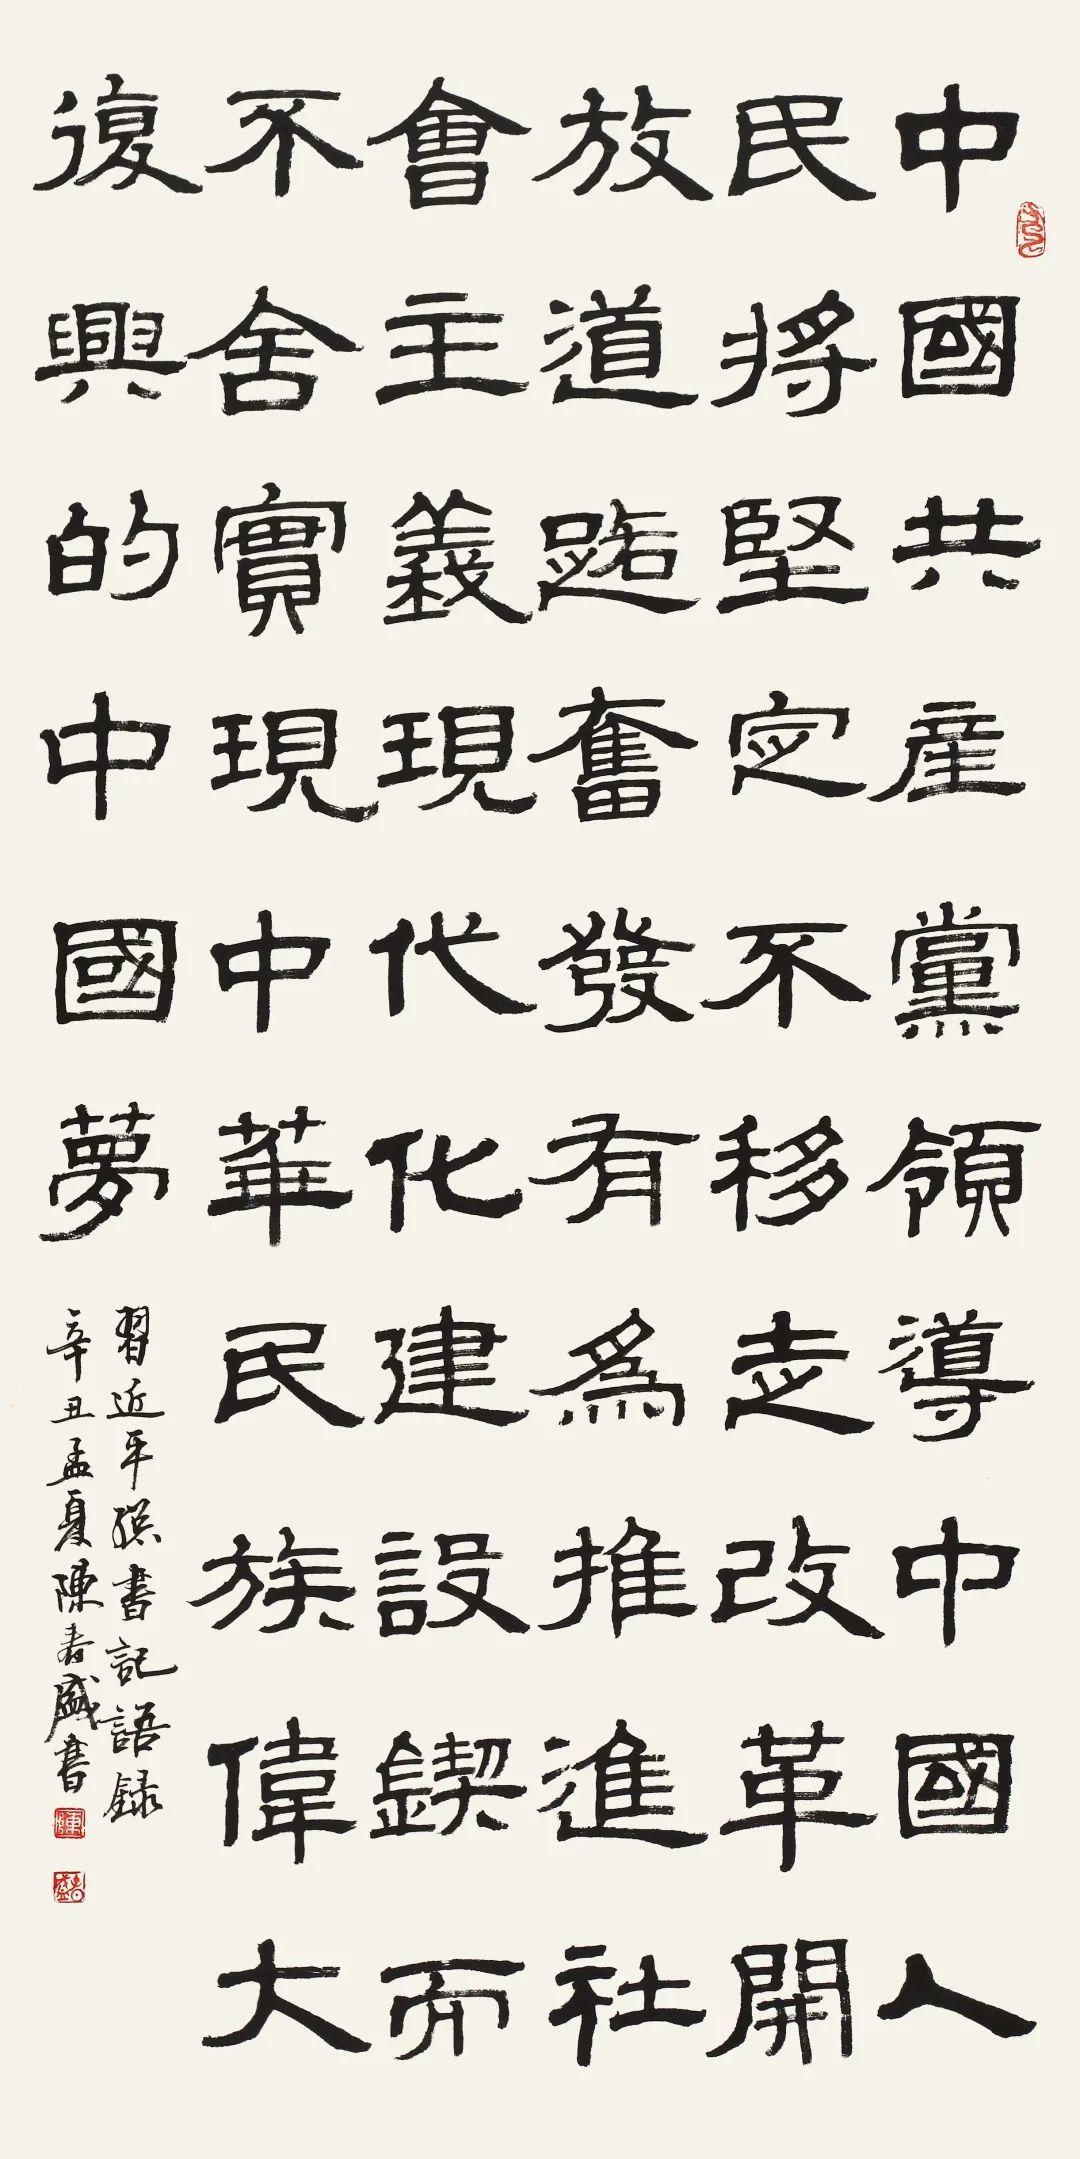 中国书法家协会会员、广东省书法家协会副主席、广州市书法家协会顾问陈春盛